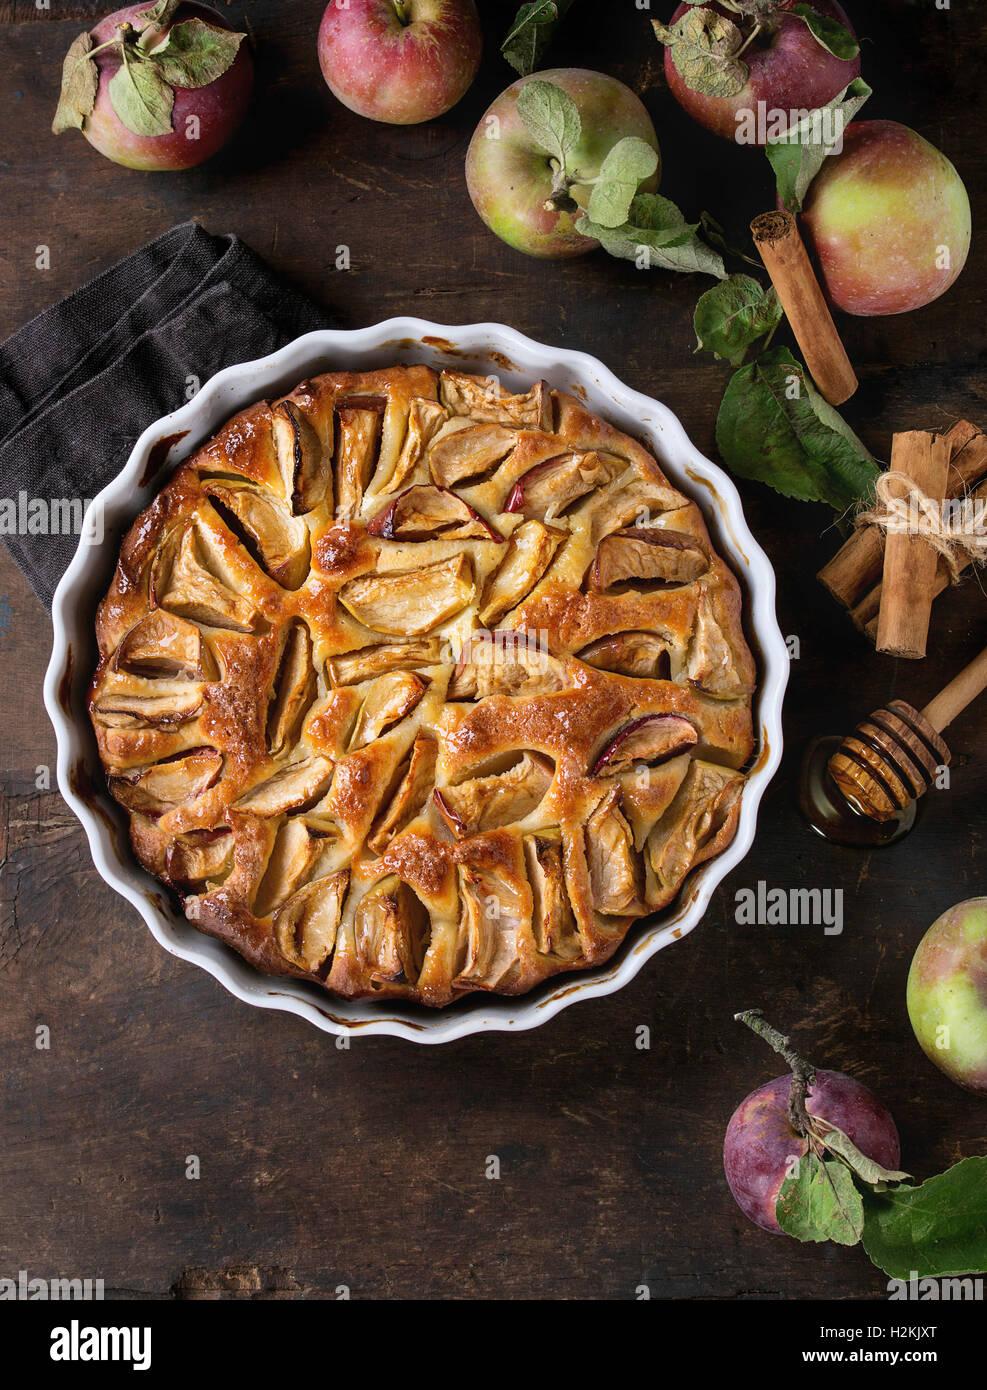 Gâteau pommes maison tarte en forme de céramique blanche avec des pommes fraîches avec des feuilles, Photo Stock